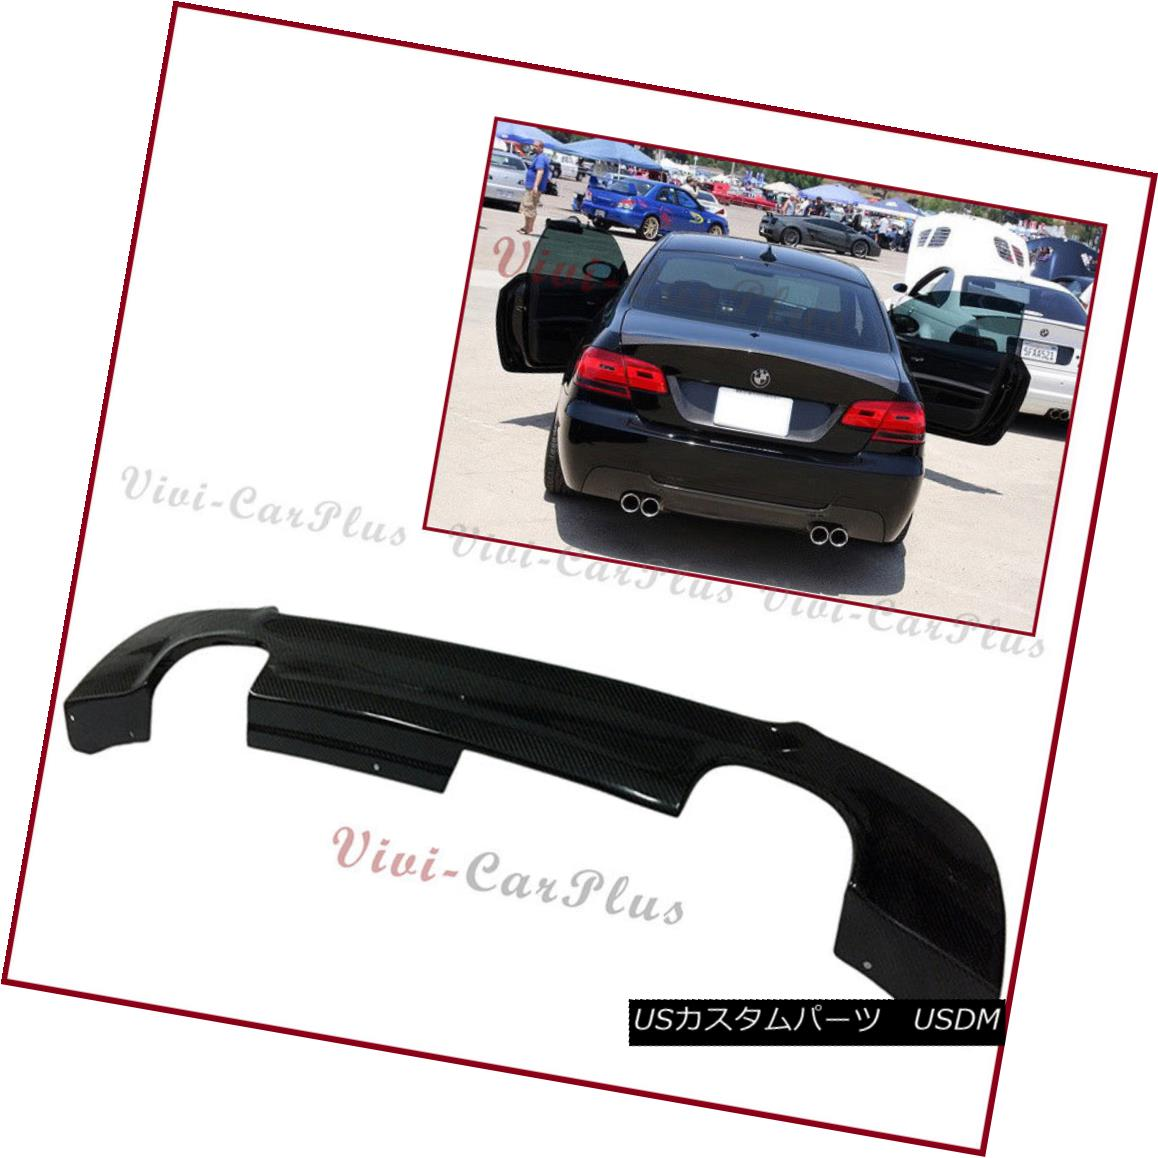 エアロパーツ For 07-13 E92 E93 3-Series M-Sport Bumper Carbon Fiber OE Rear Diffuser Body Kit 07-13 E92 E93 3シリーズMスポーツバンパーカーボンファイバーOEリアディフューザーボディーキット